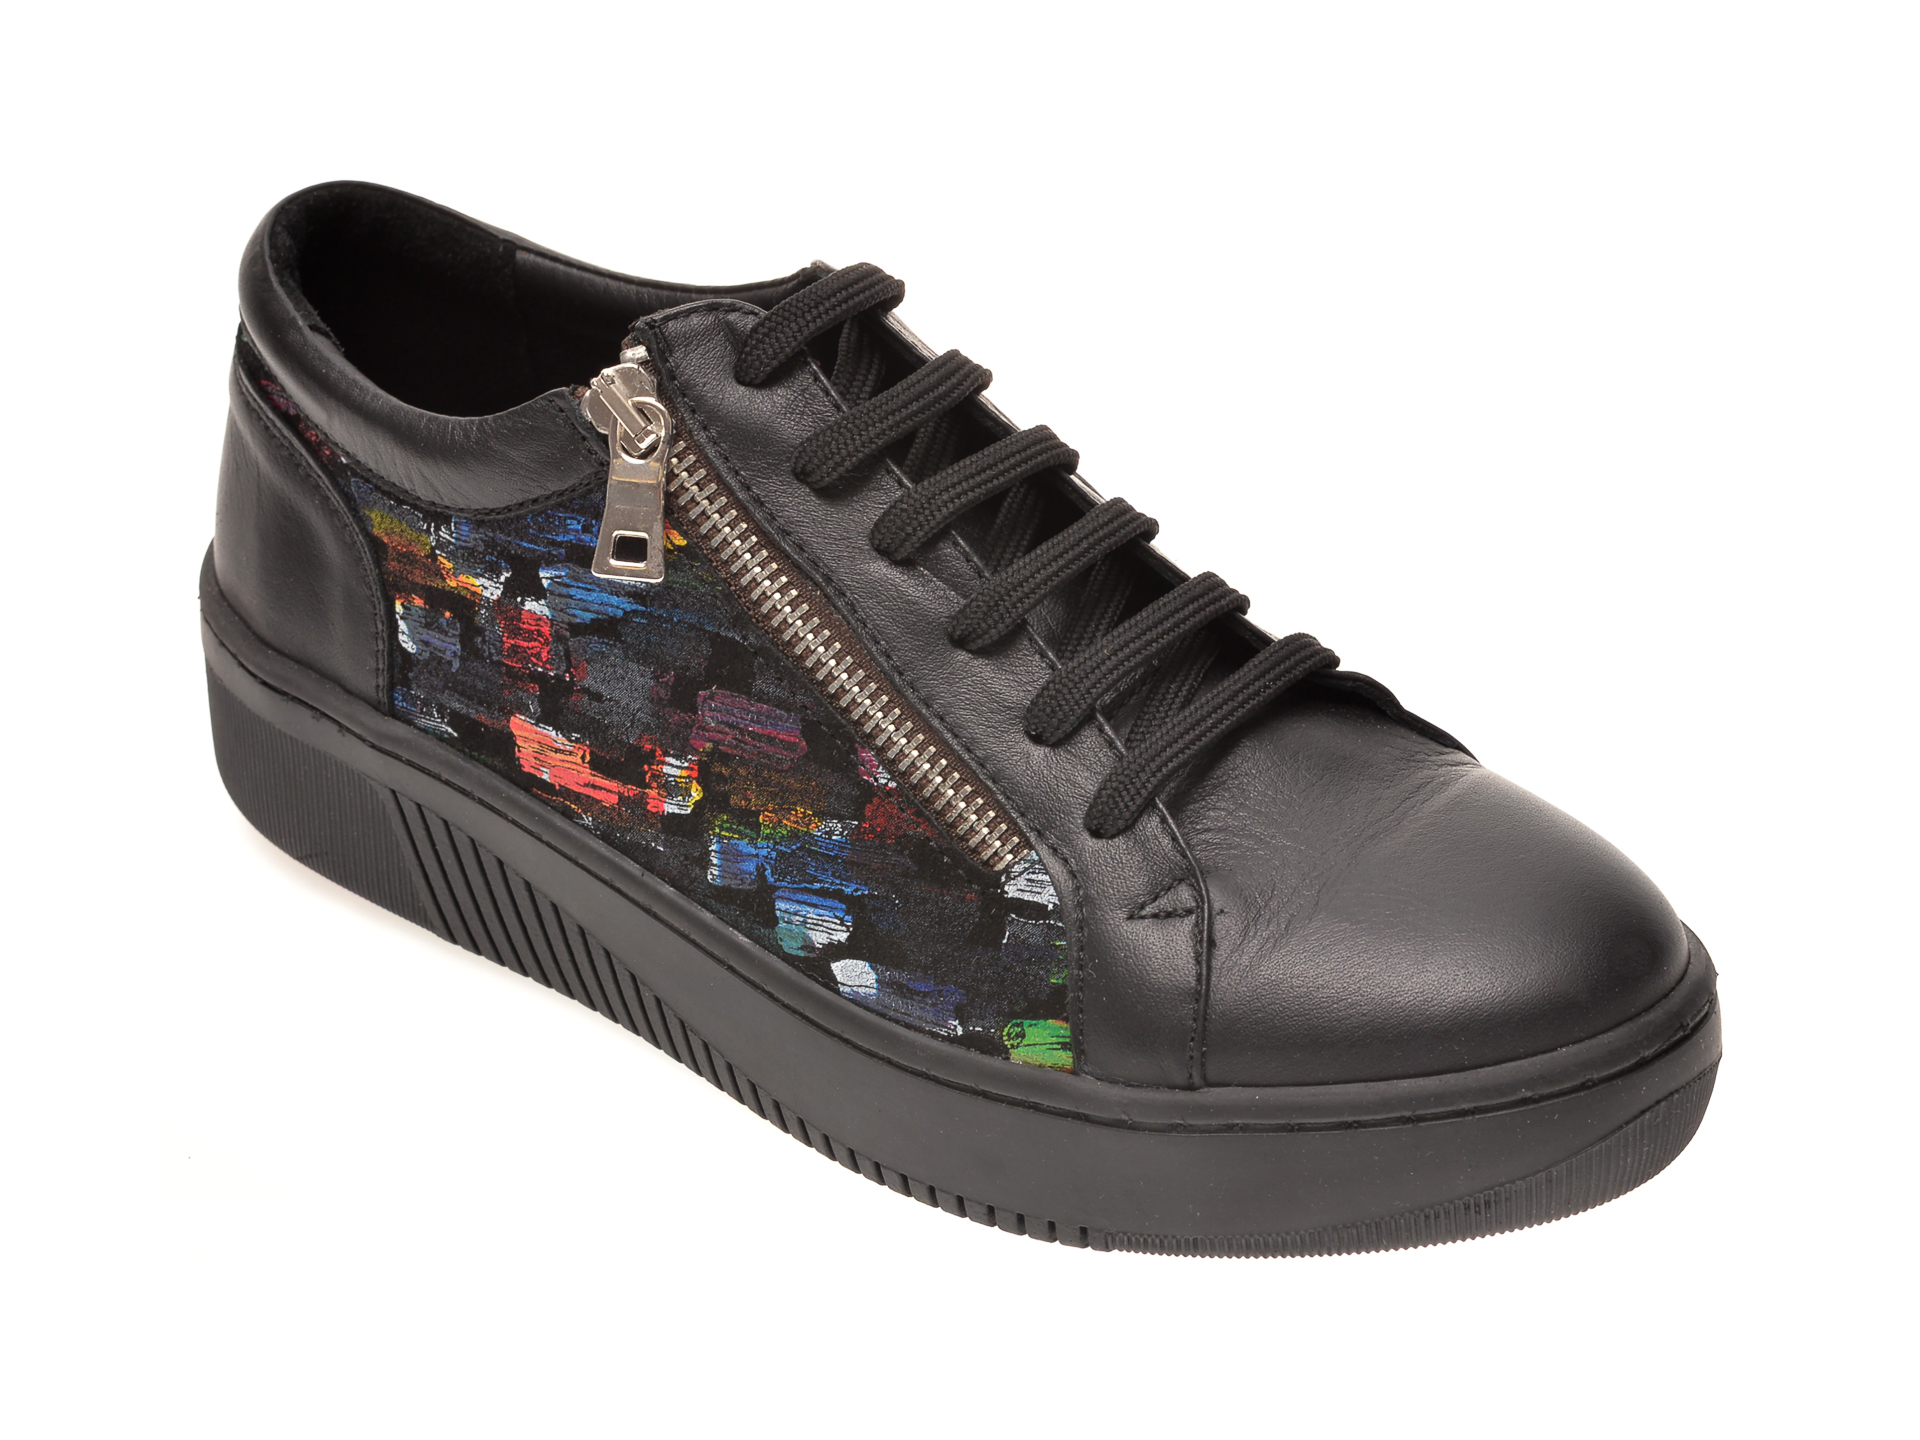 Pantofi PASS COLLECTION negri, 47529, din piele naturala